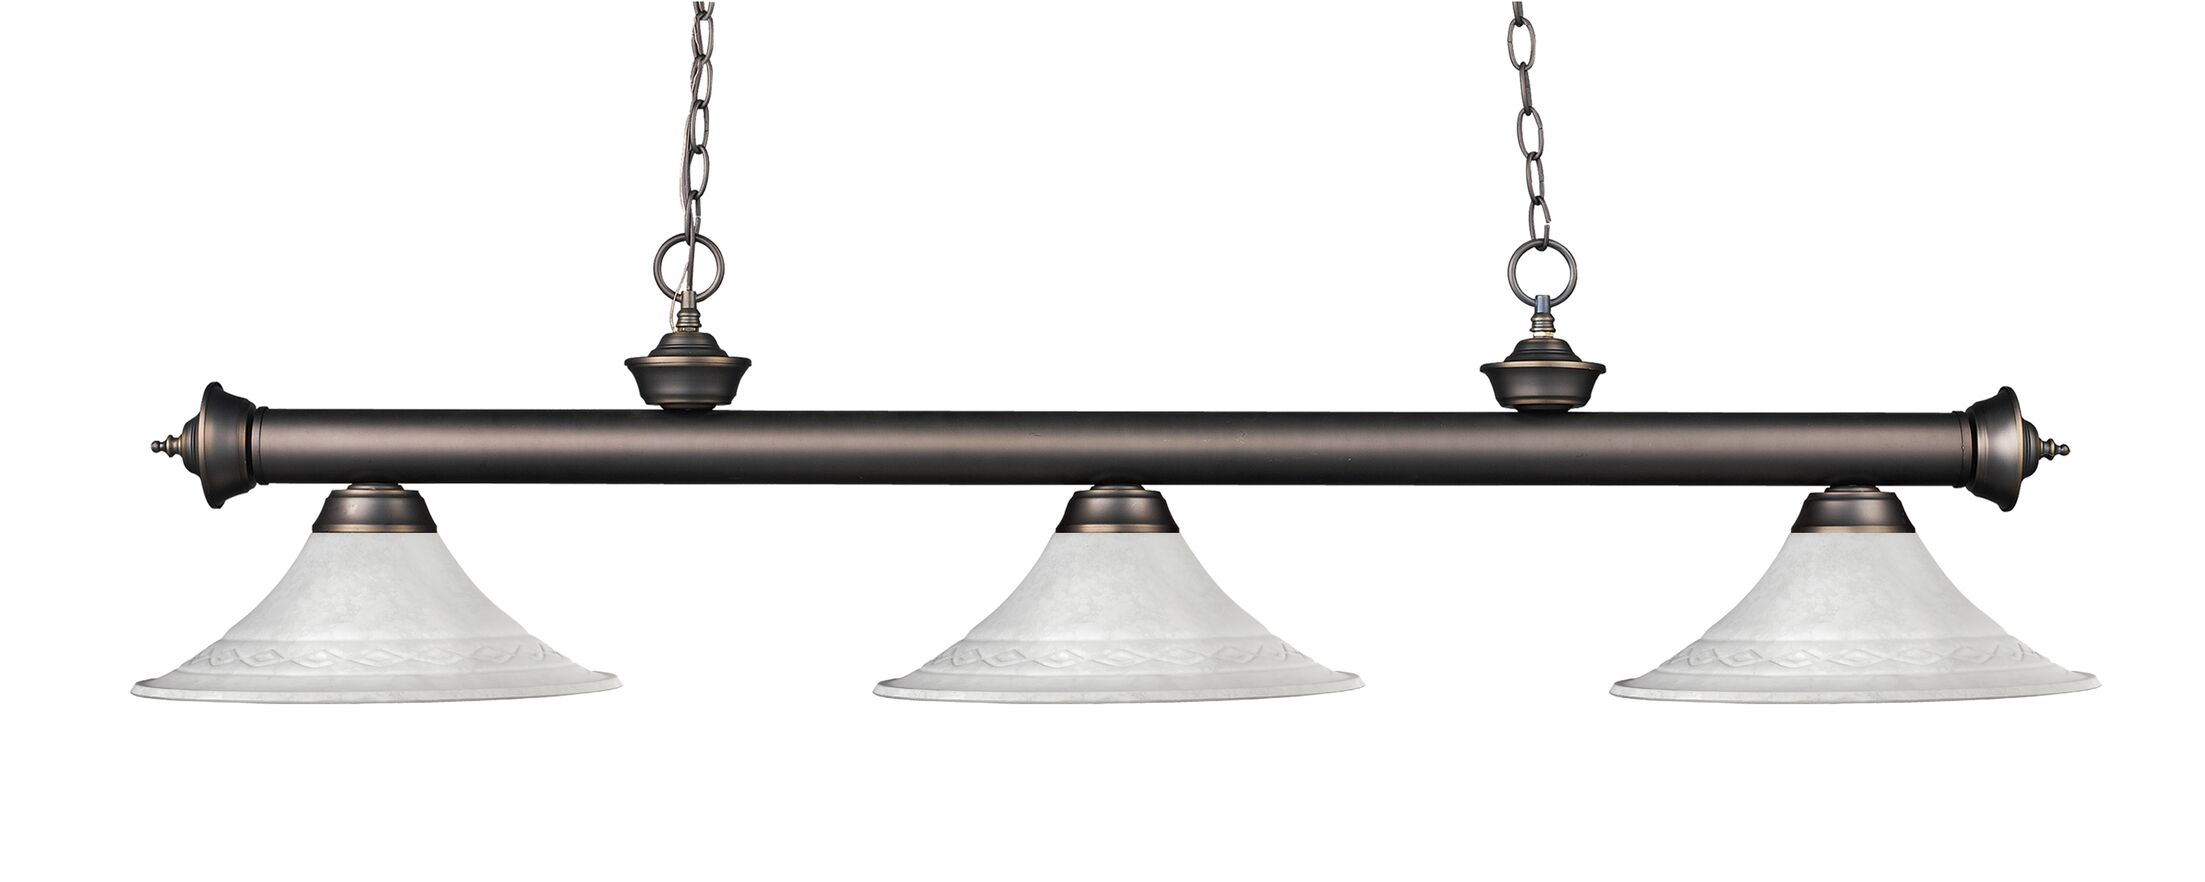 Zephyr 3-Light Bell Glass Billiard Light Shade Color: White Mottle, Finish: Olde Bronze